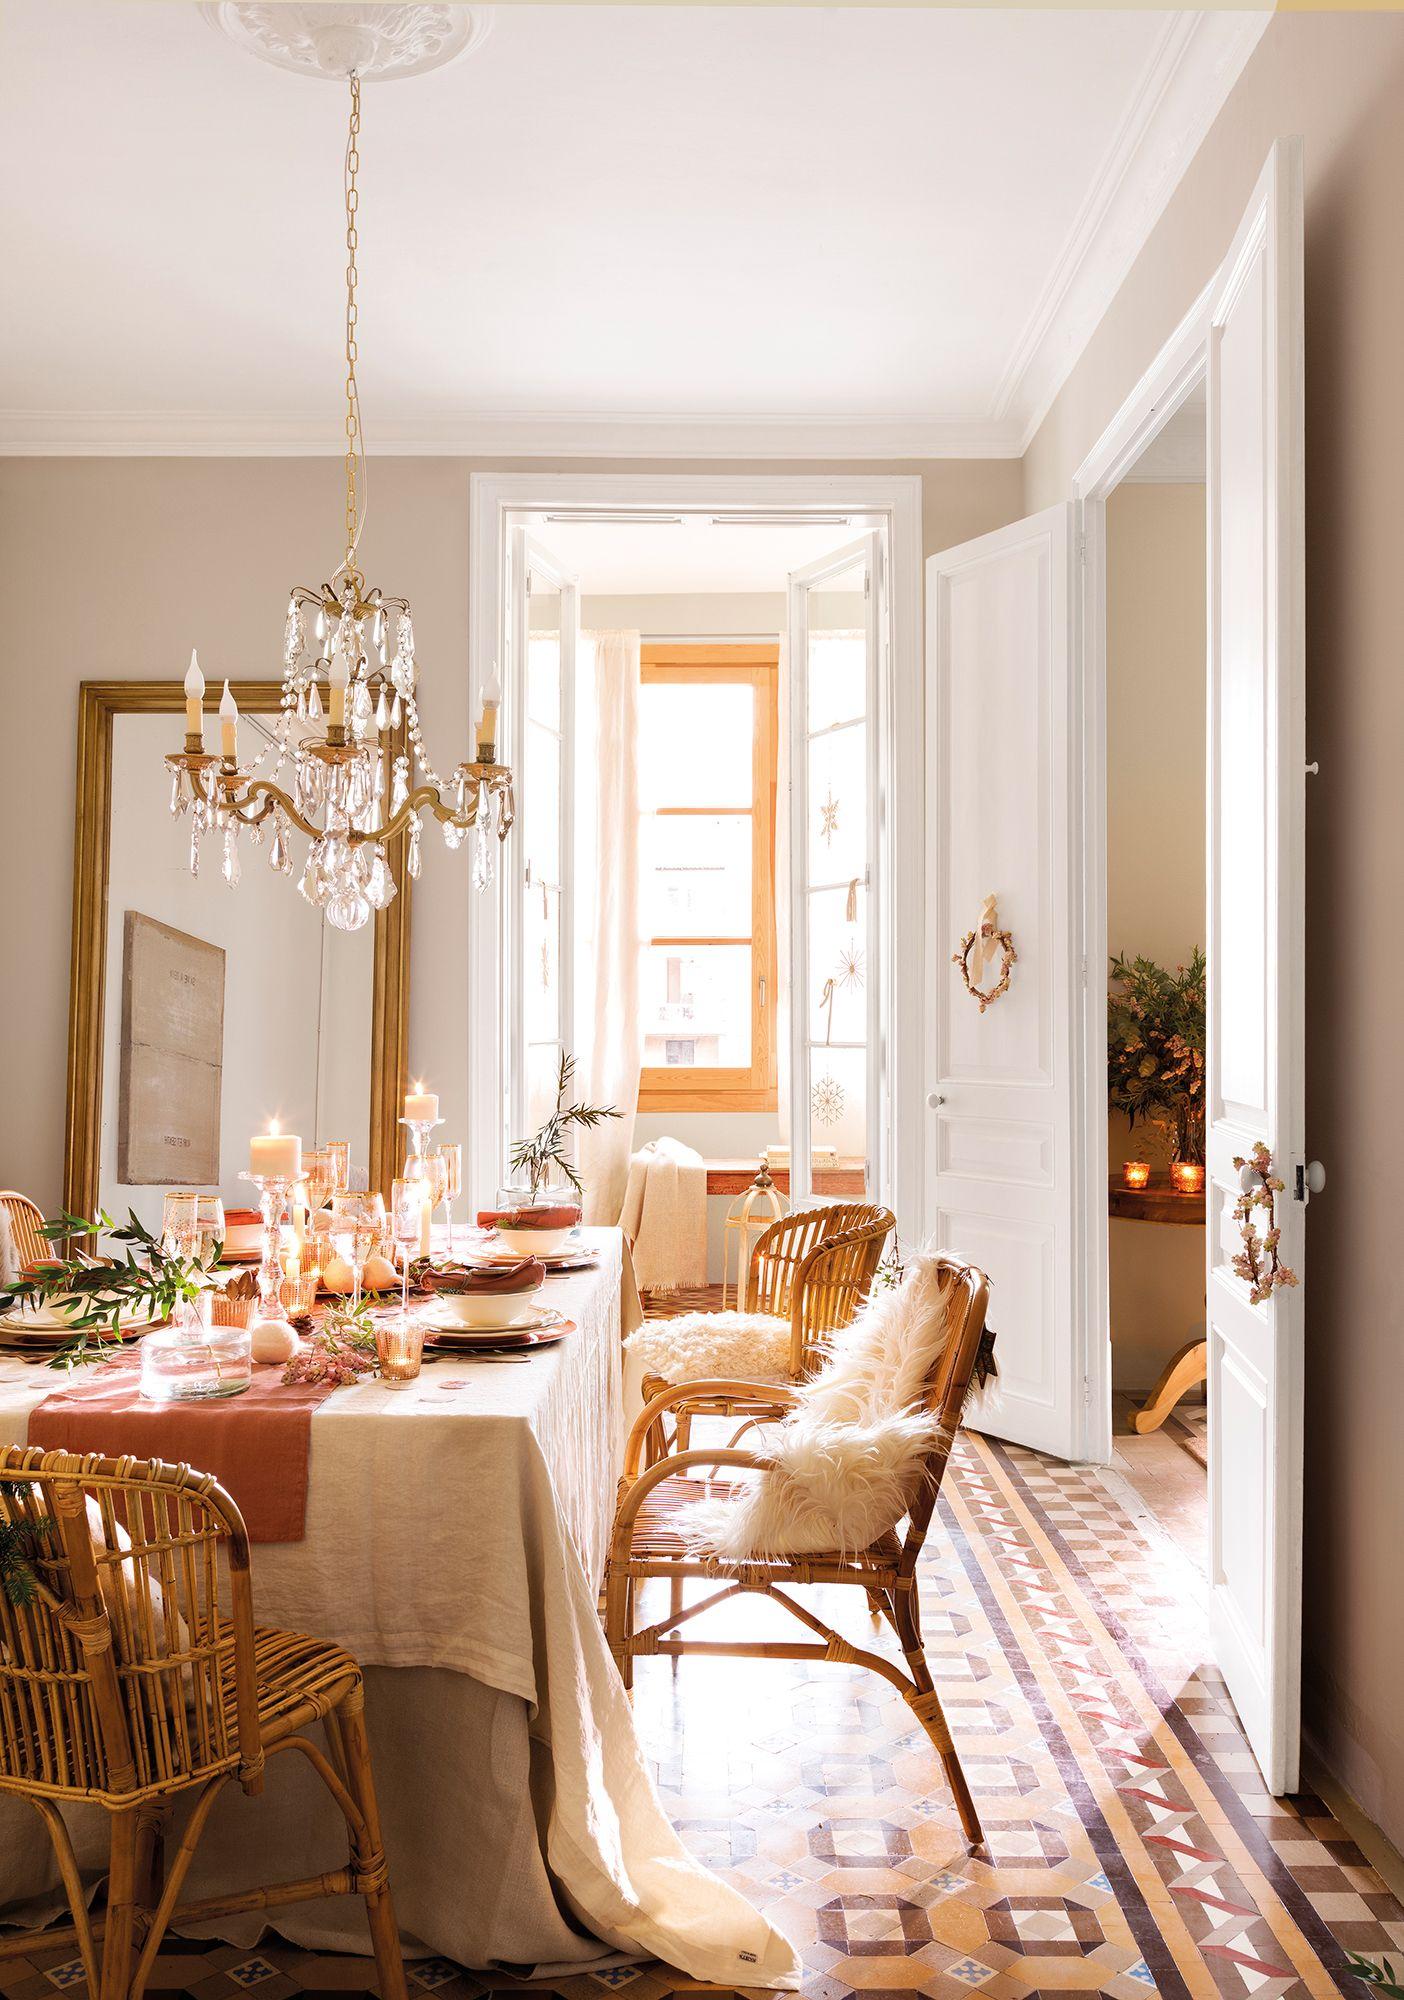 Comedor decorado de fiesta_ 00444850b | Comedores, Estilistas y ...